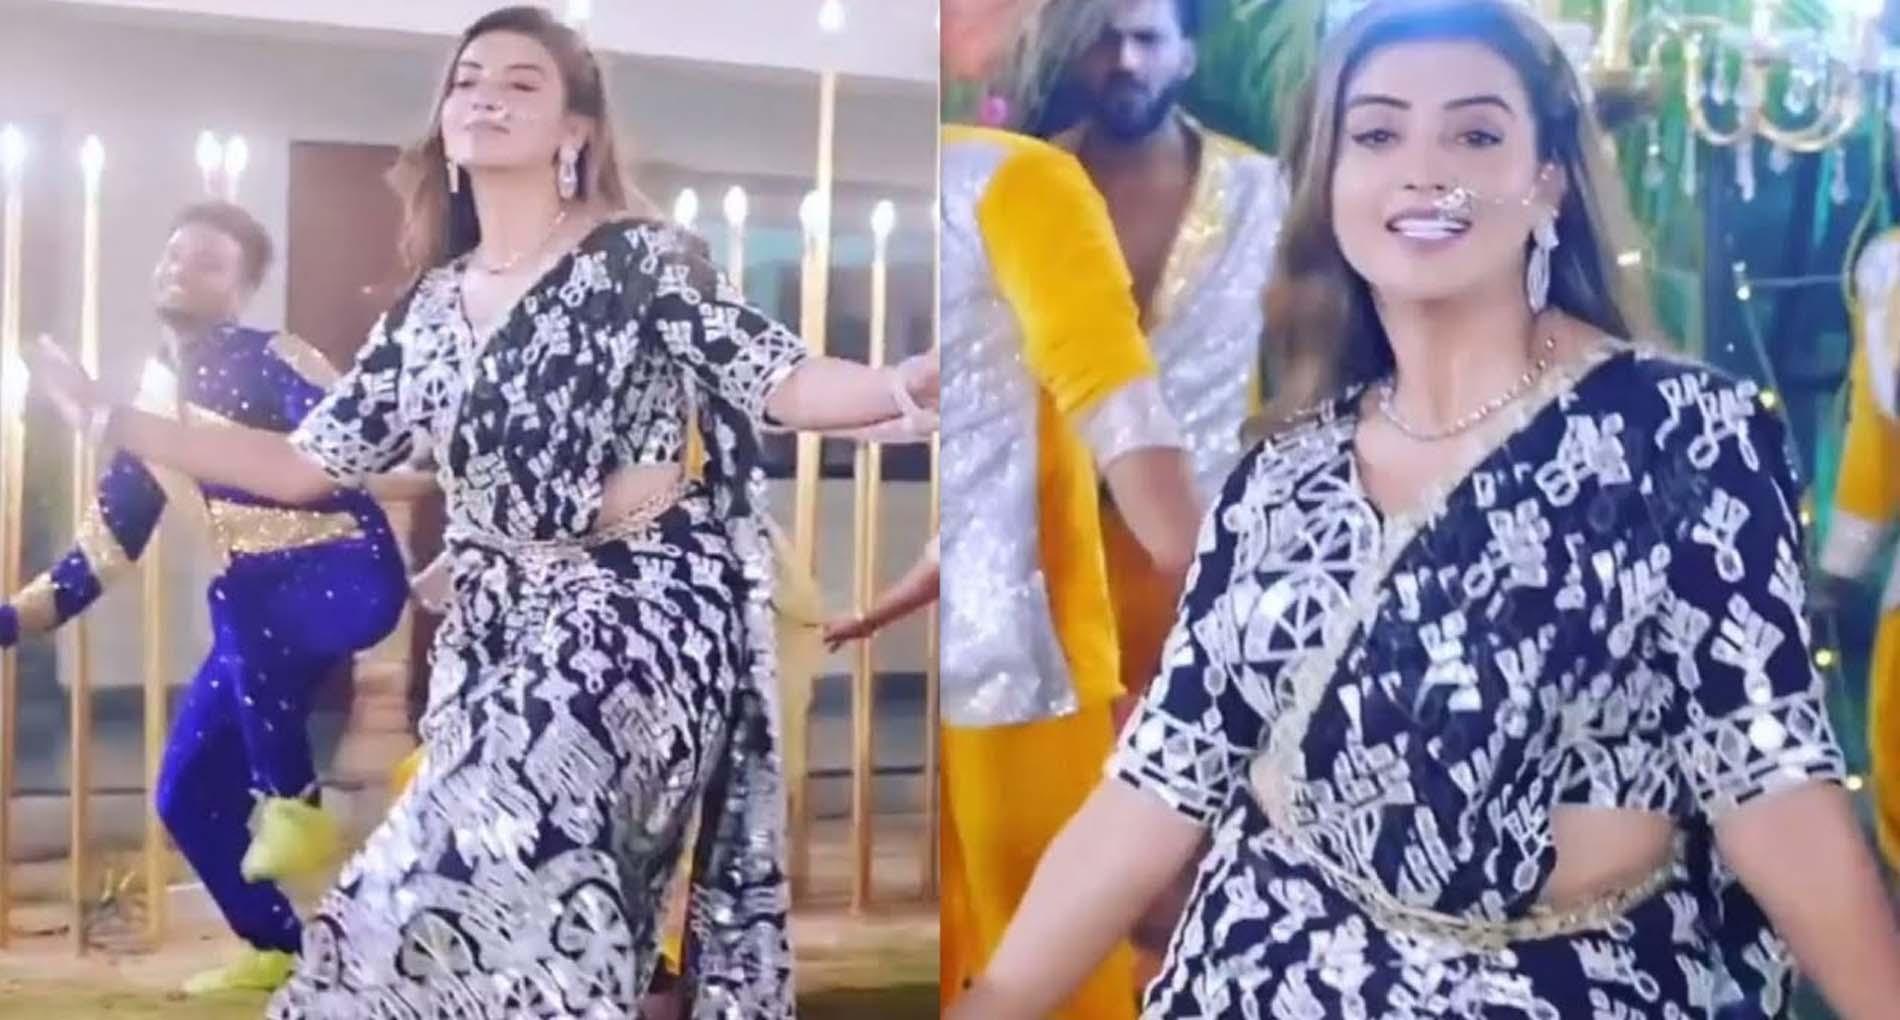 Akshara Singh Bhojpuri Song: अक्षरा सिंह के भोजपुरी गाने का धमाल! मिले 62 लाख व्यूज